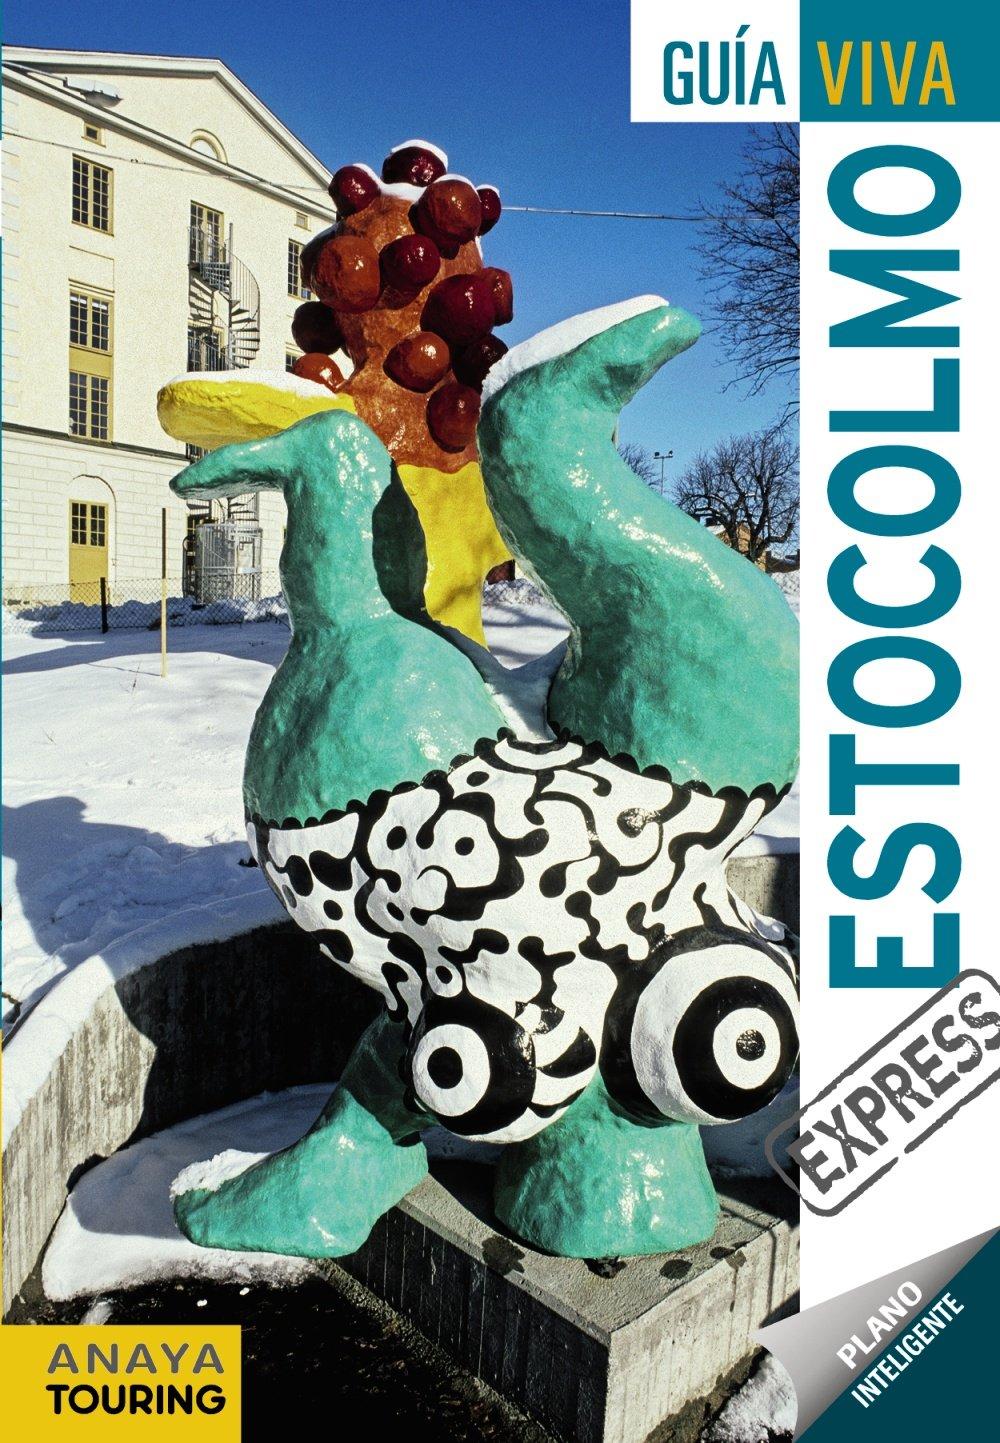 Estocolmo (Guía Viva Express - Internacional) Tapa blanda – 16 mar 2017 Anaya Touring Mario del Rosal 8499359221 Sweden